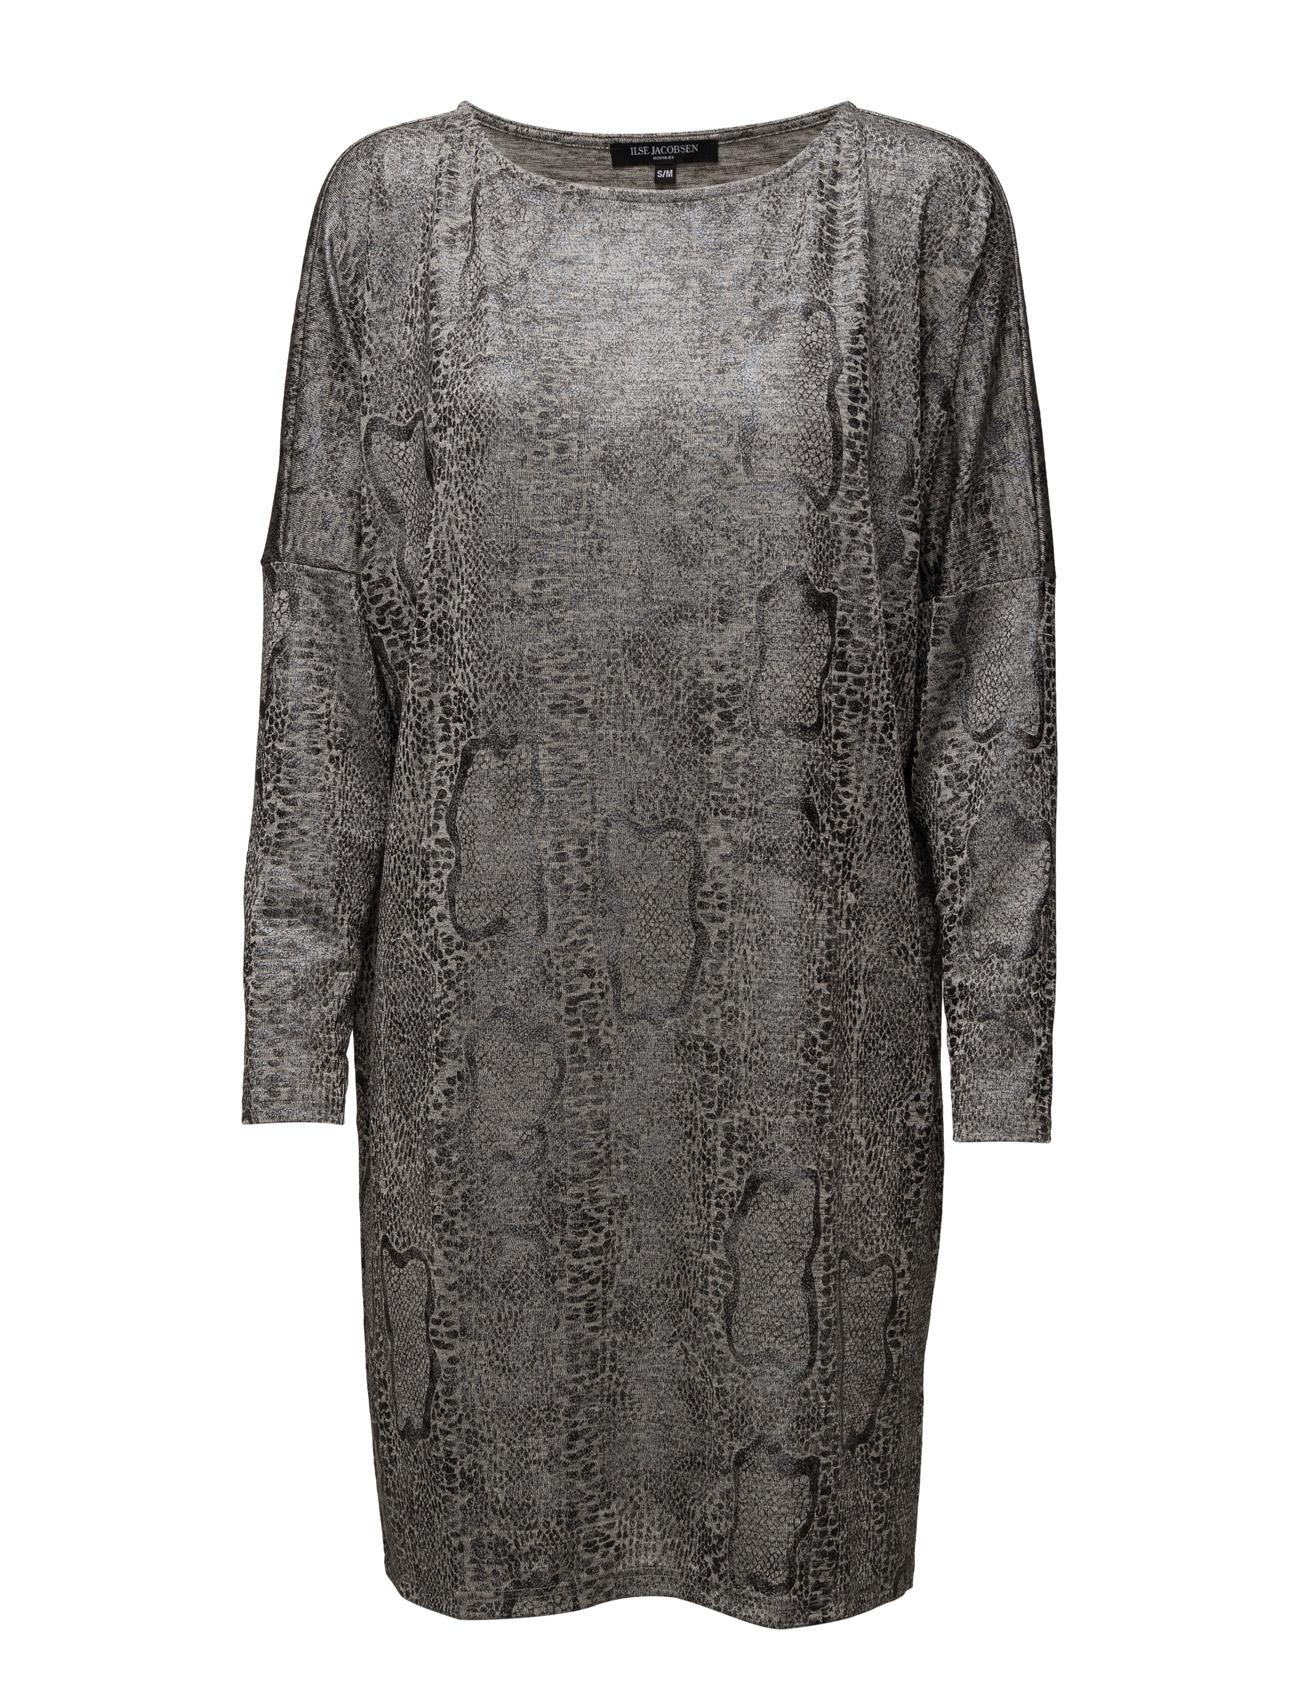 Dress Ilse Jacobsen Korte kjoler til Damer i Sølv